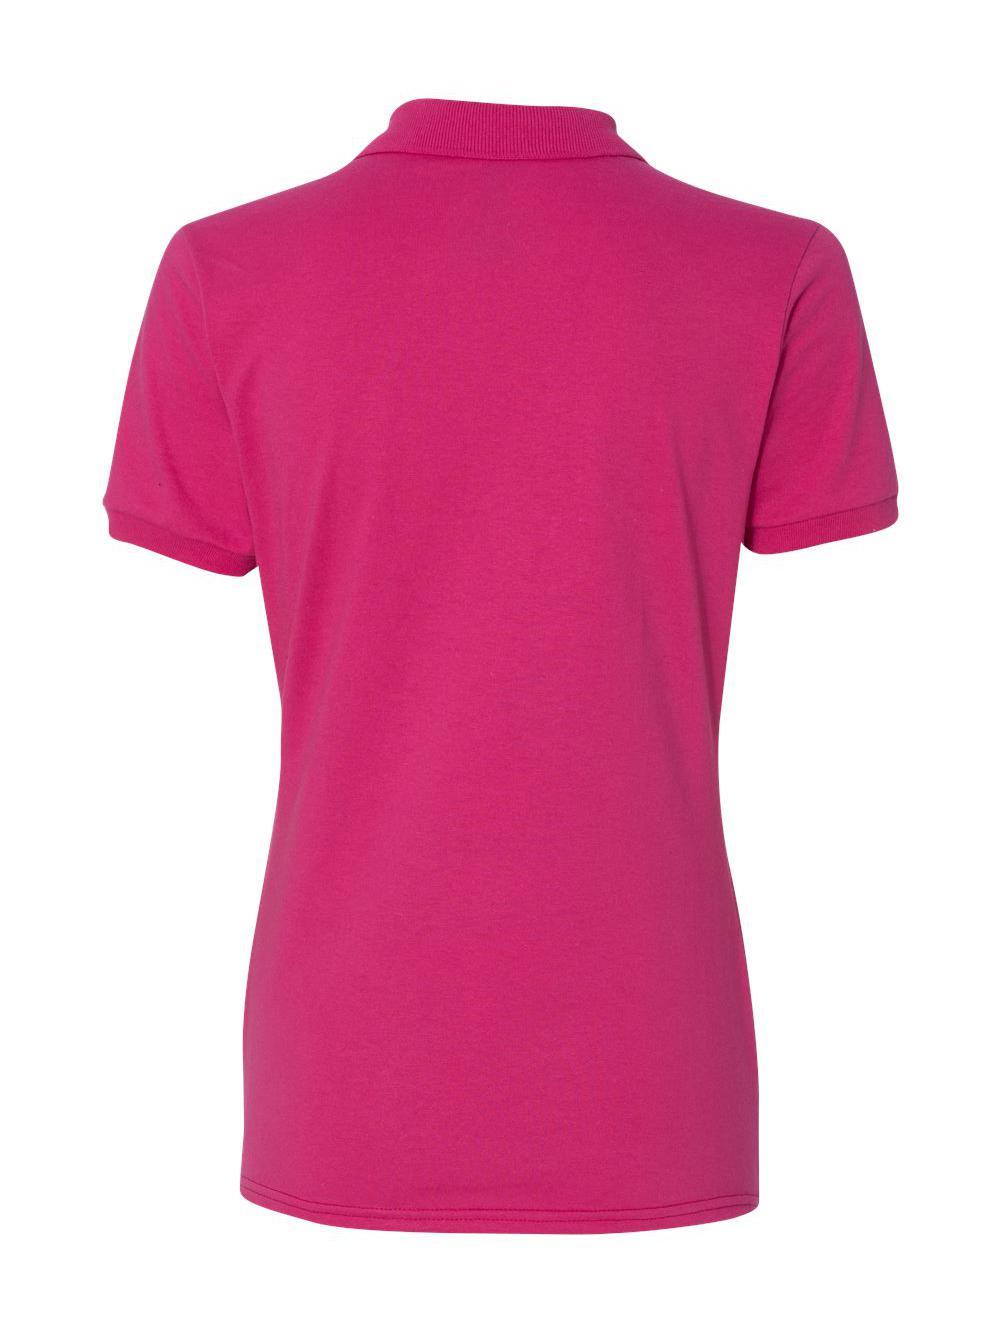 Jerzees-Women-039-s-Spotshield-50-50-Sport-Shirt-437WR thumbnail 7